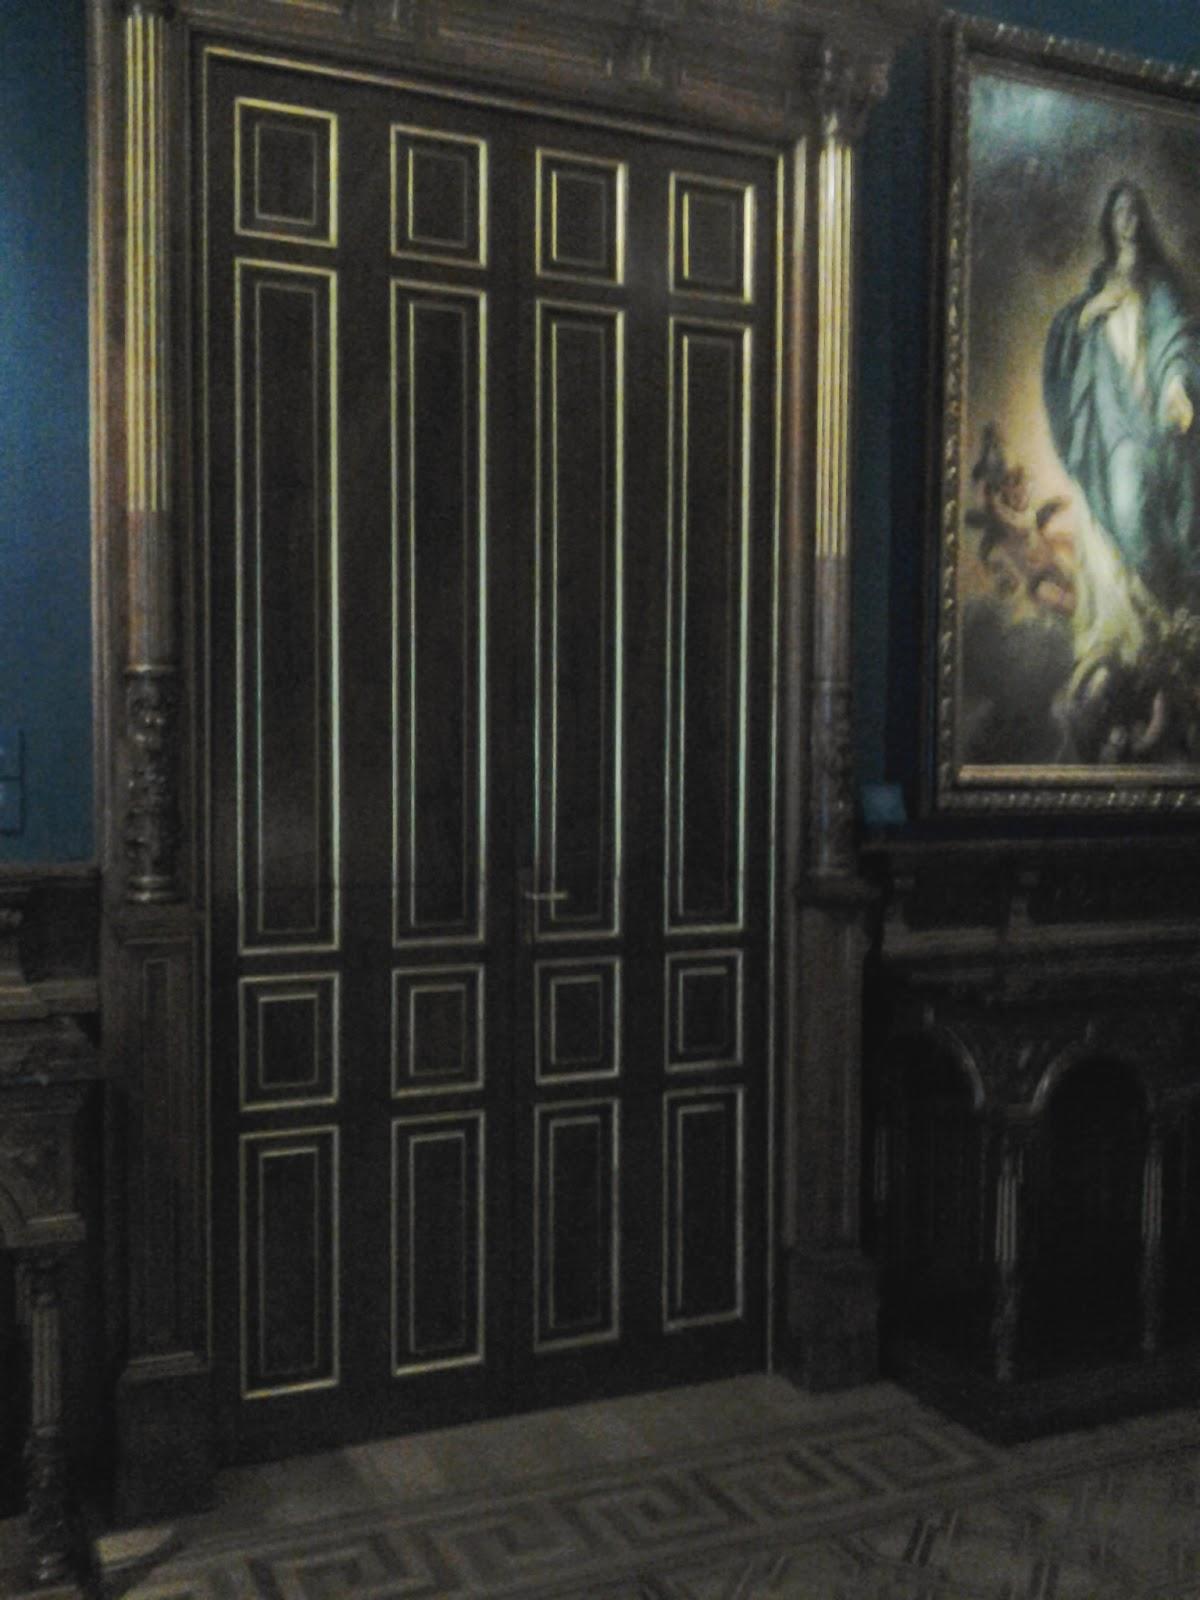 Madrid con encanto museo l zaro galdiano for Puerta que se abre sola